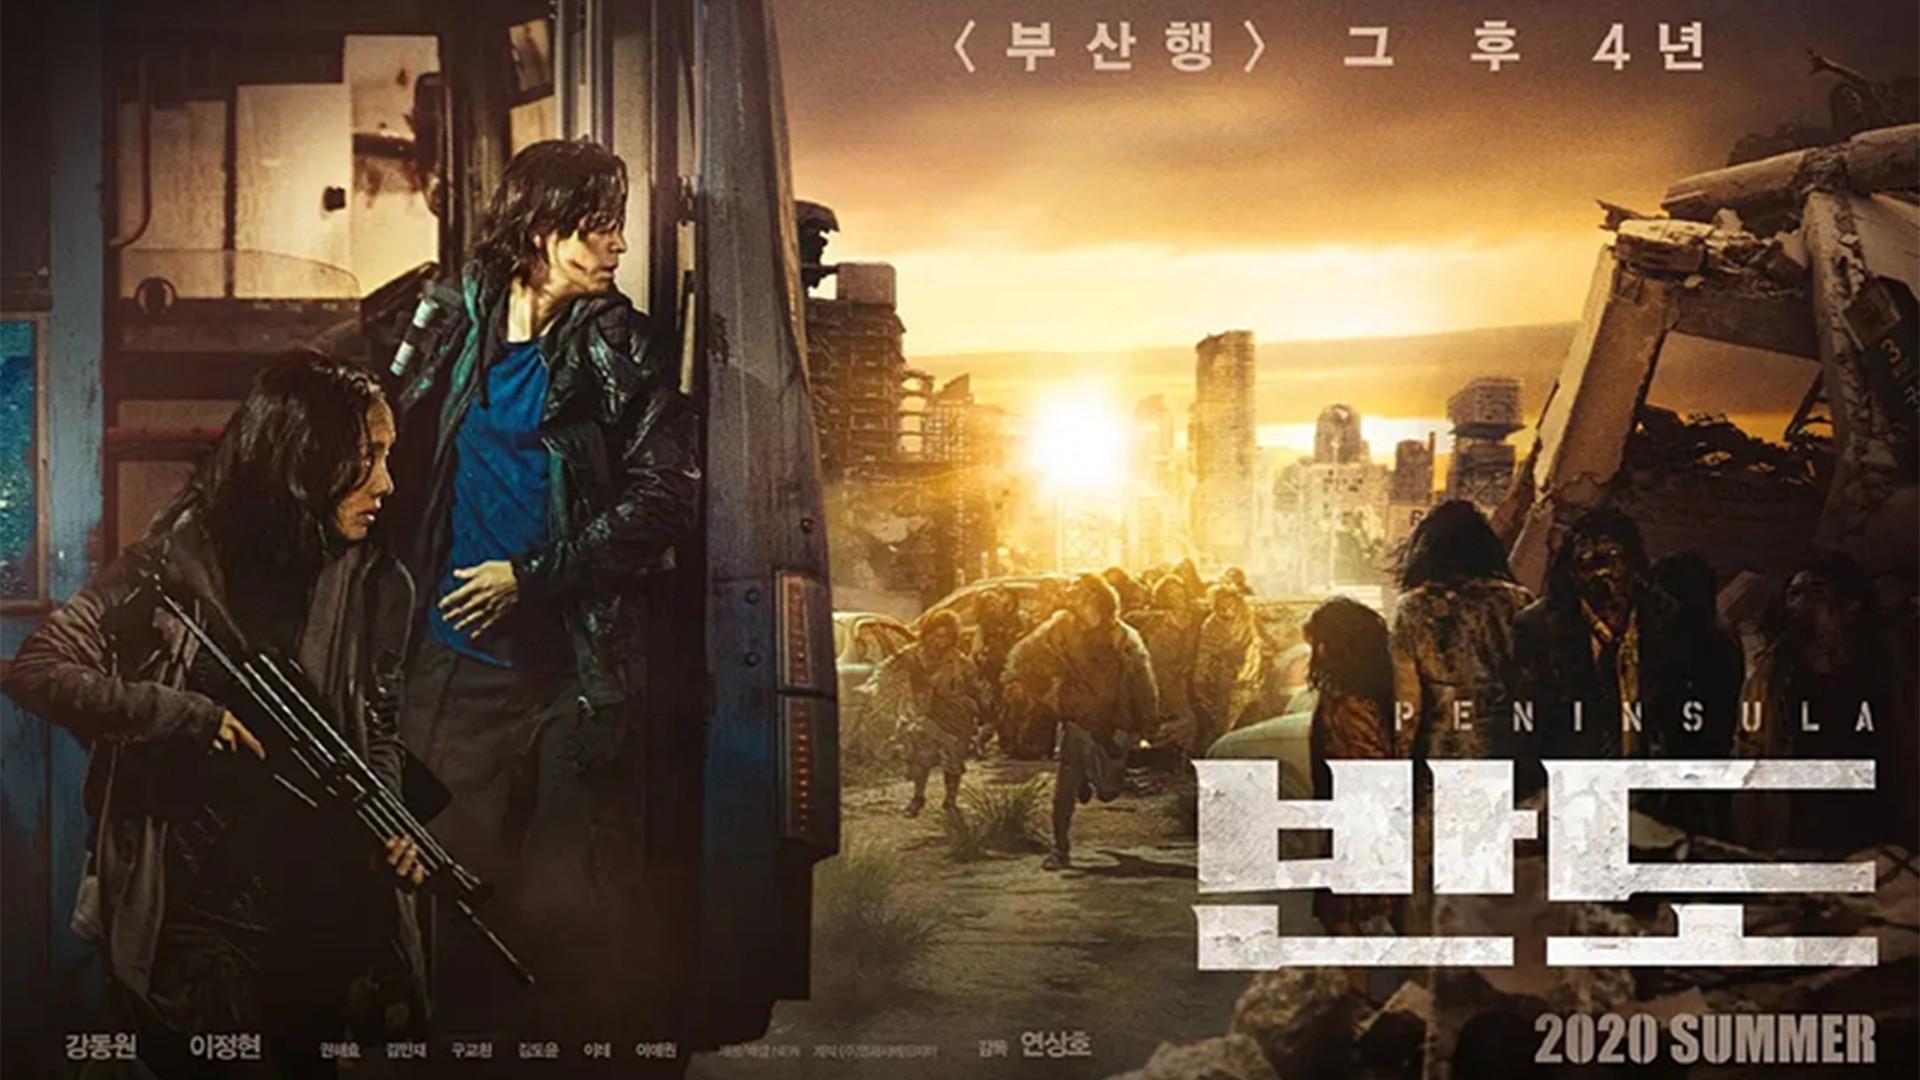 韩国今年最好的六部电影,《釜山行2》领衔,韩国电影要崛起?